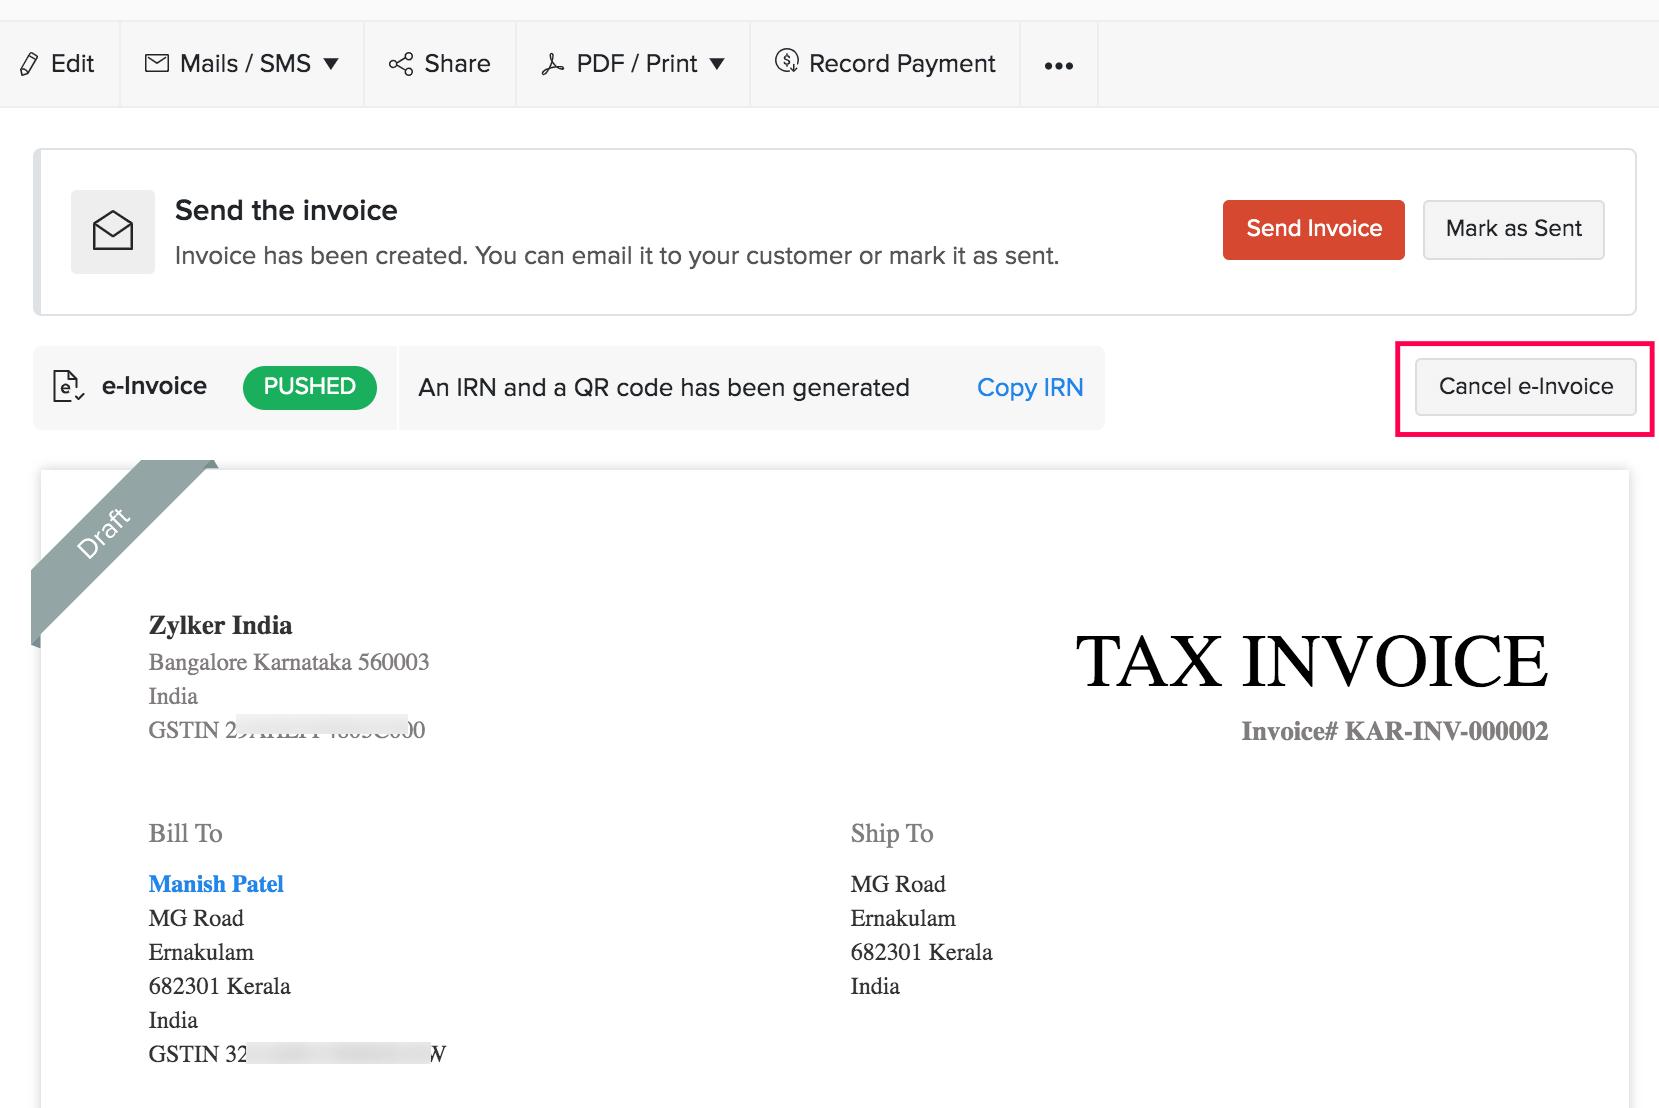 Cancel e-Invoice